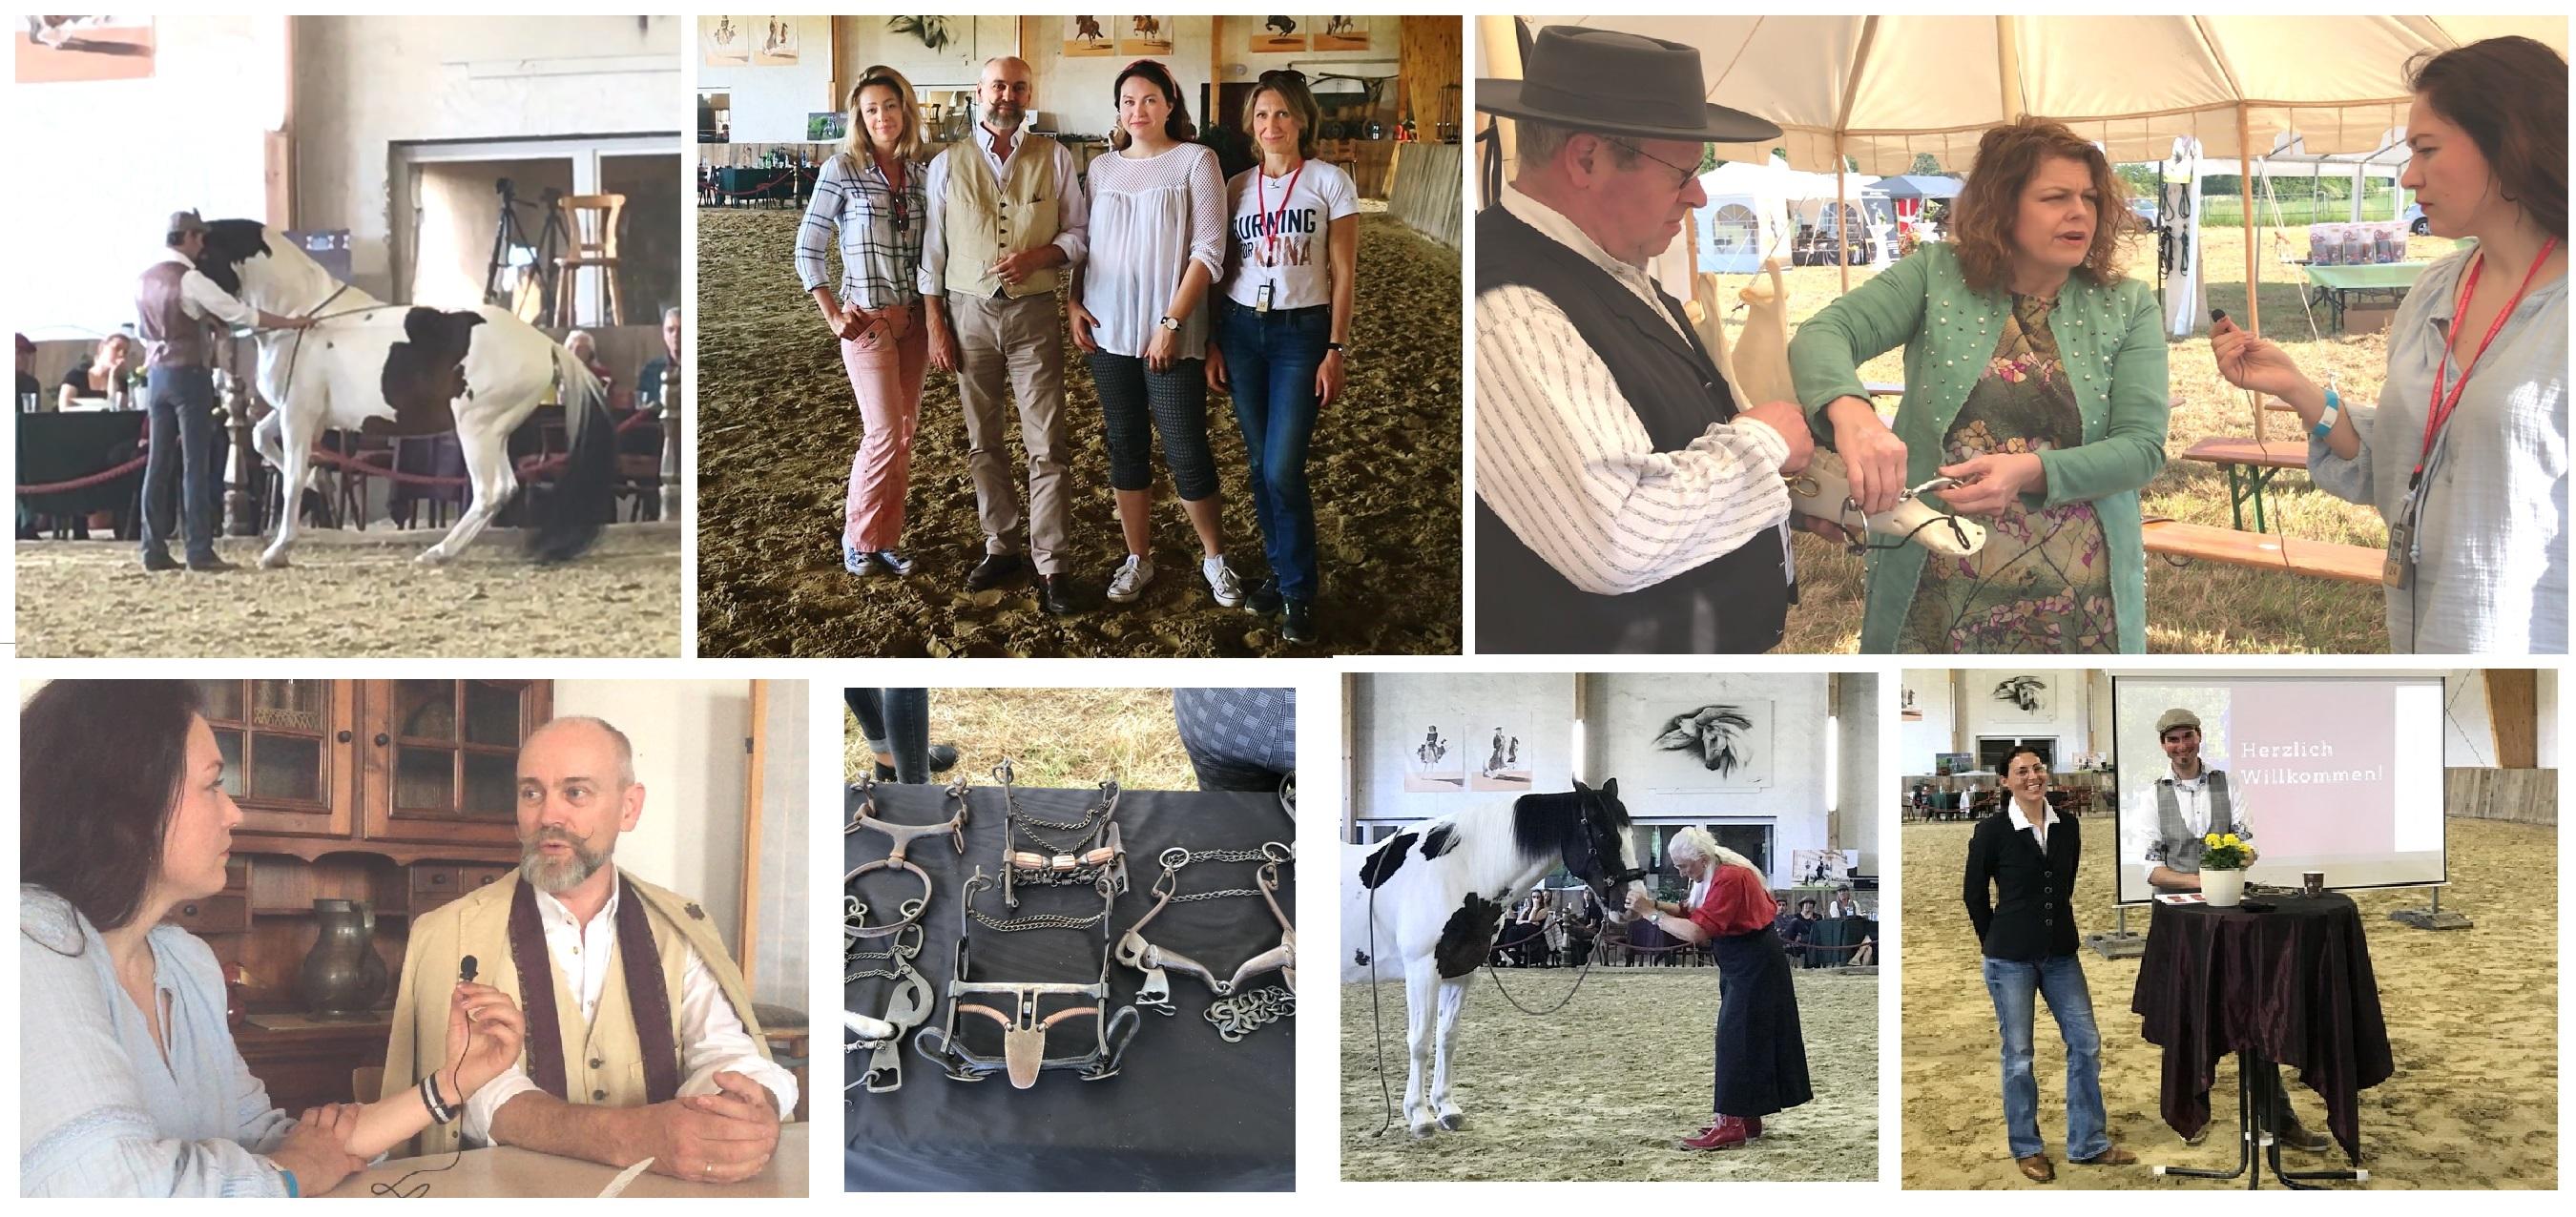 19-25 мая 2020 Мариус Шнайдер и Бент Брандеруп в семинаре «Справедливость для лошадей» - фото 13, , конный журнал EquiLIfe